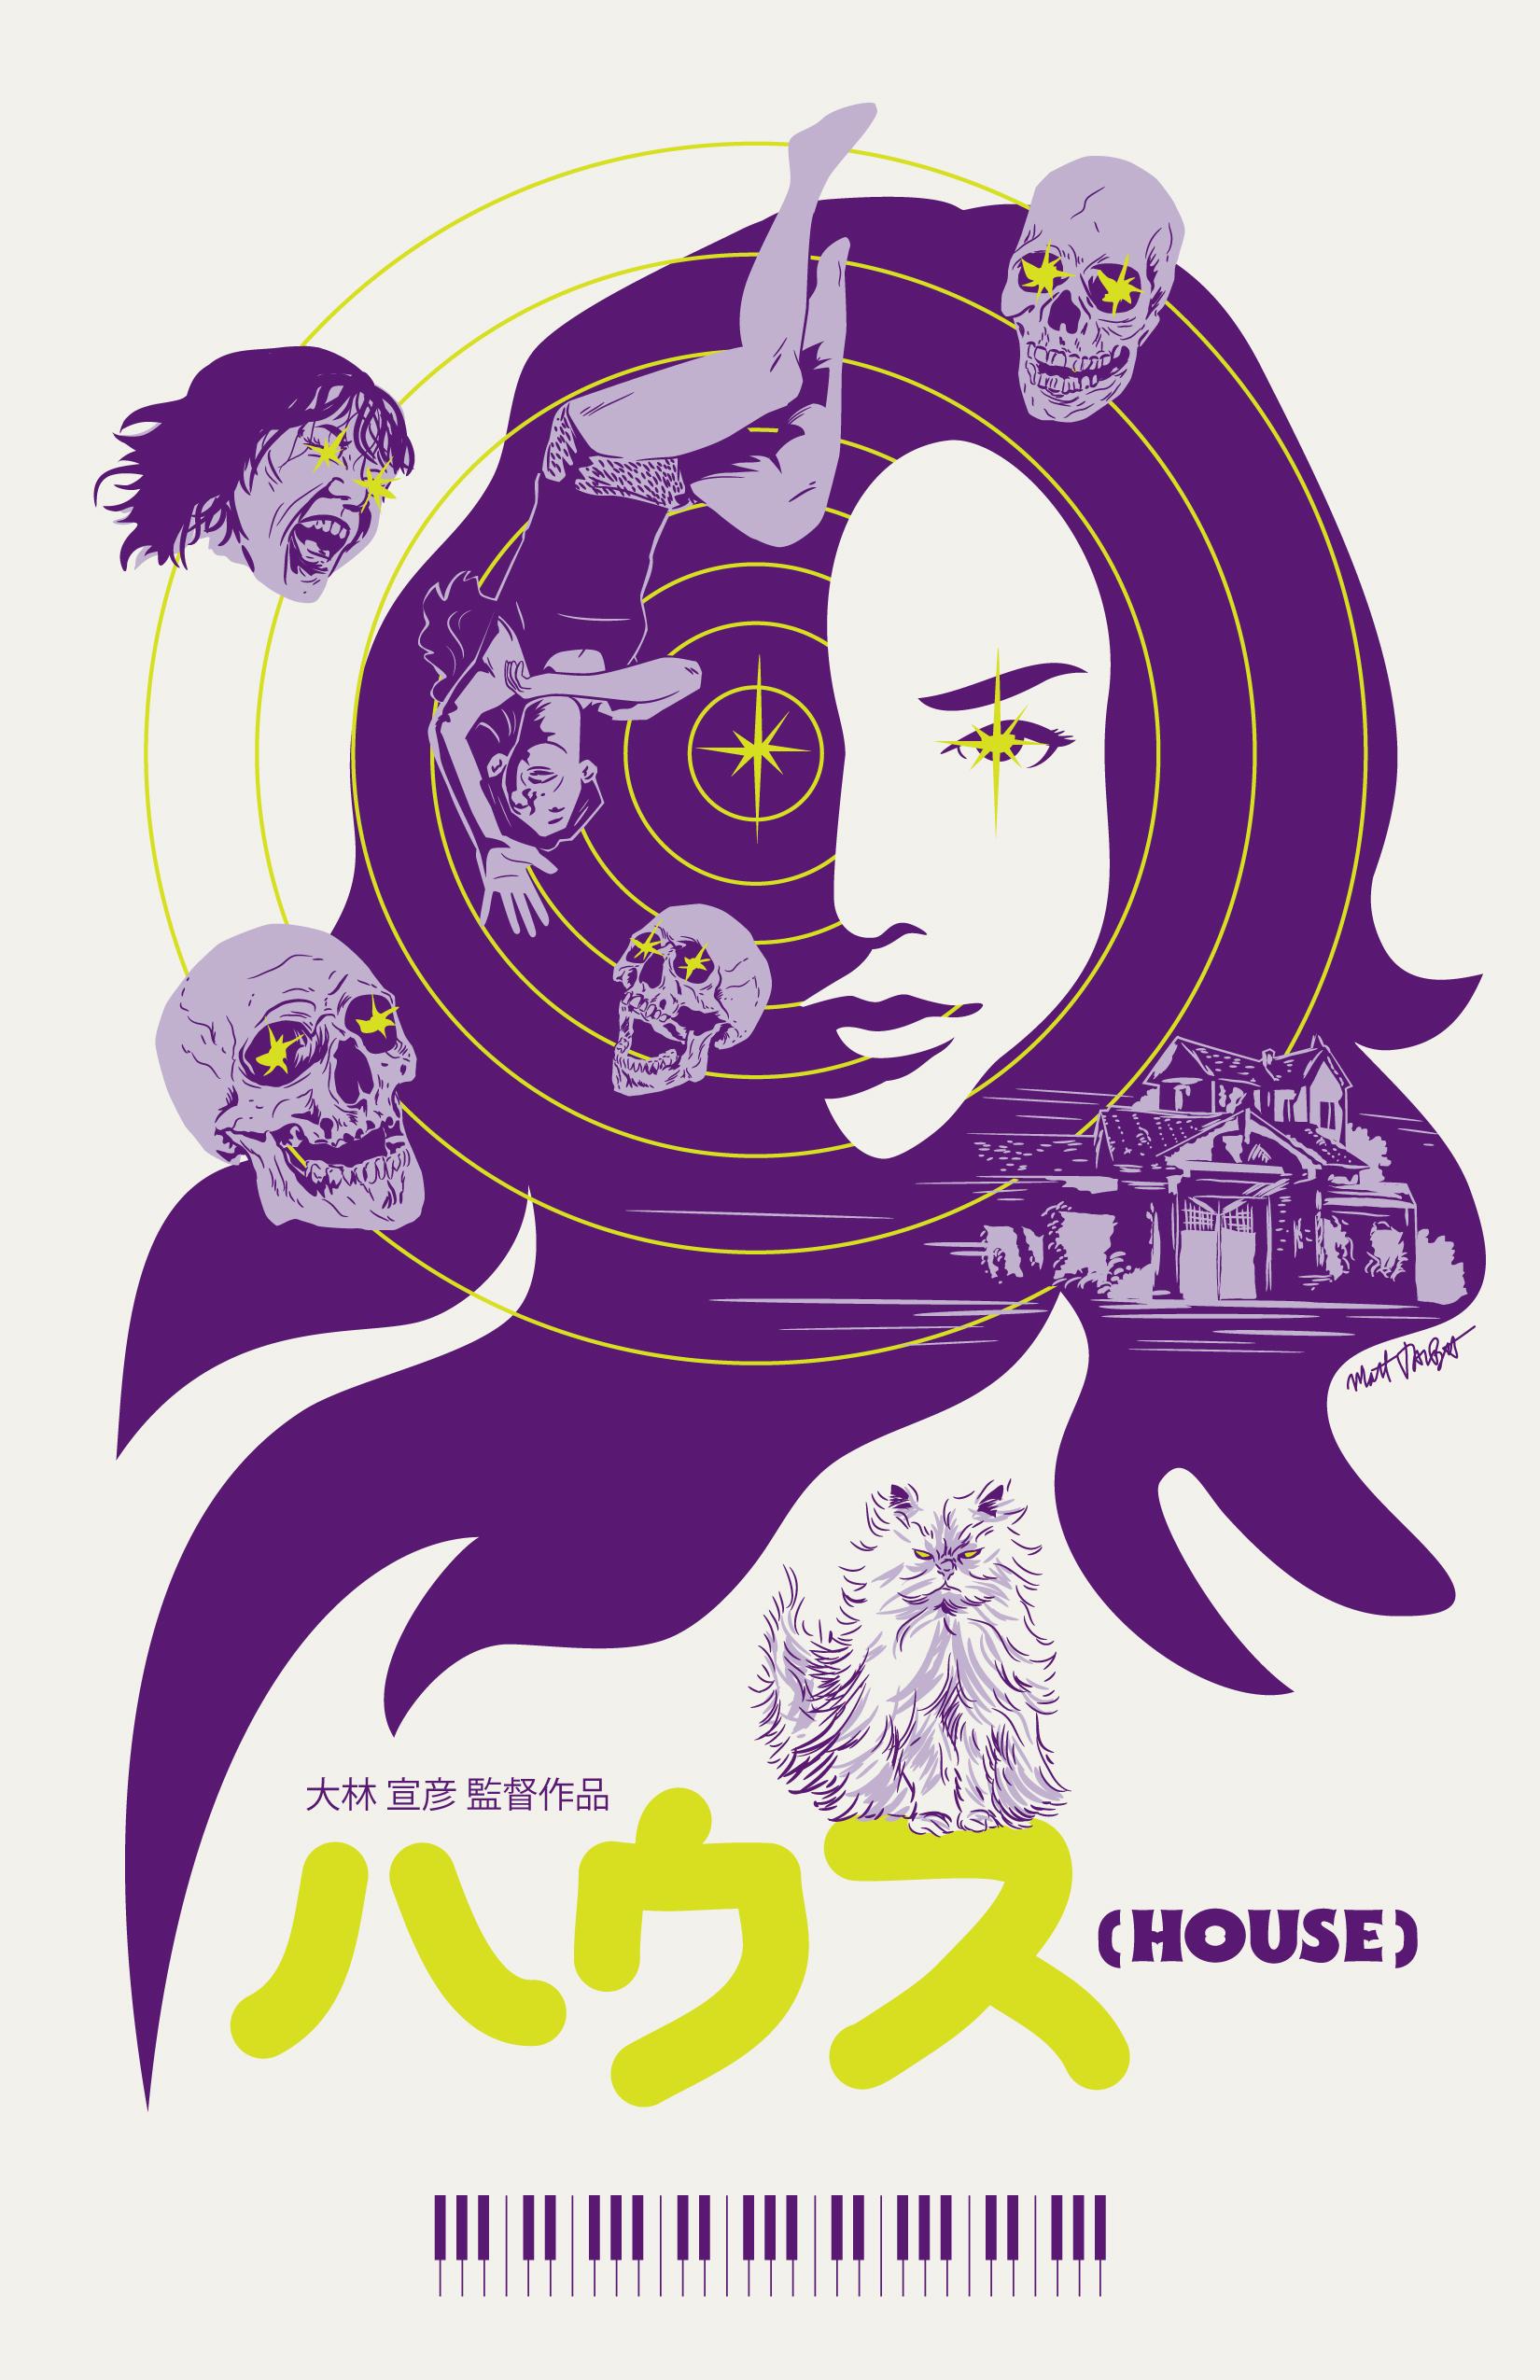 House (1977) Hausu Poster by Matt Talbot